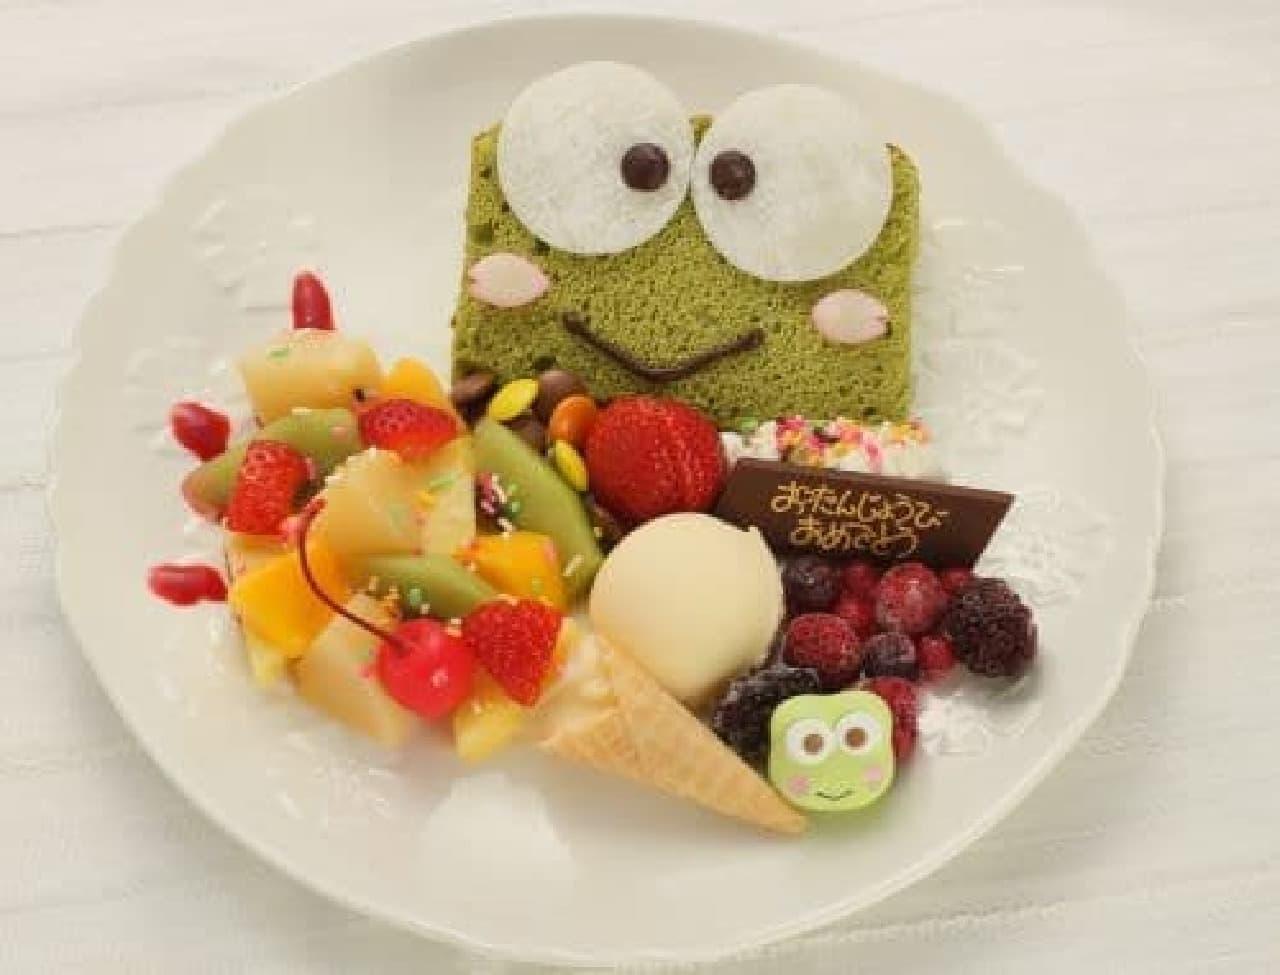 「けろっぴのスペシャルアニバーサリープレート ハッピーMAX!!」は、けろっぴの誕生日をお祝いして販売されるメニュー